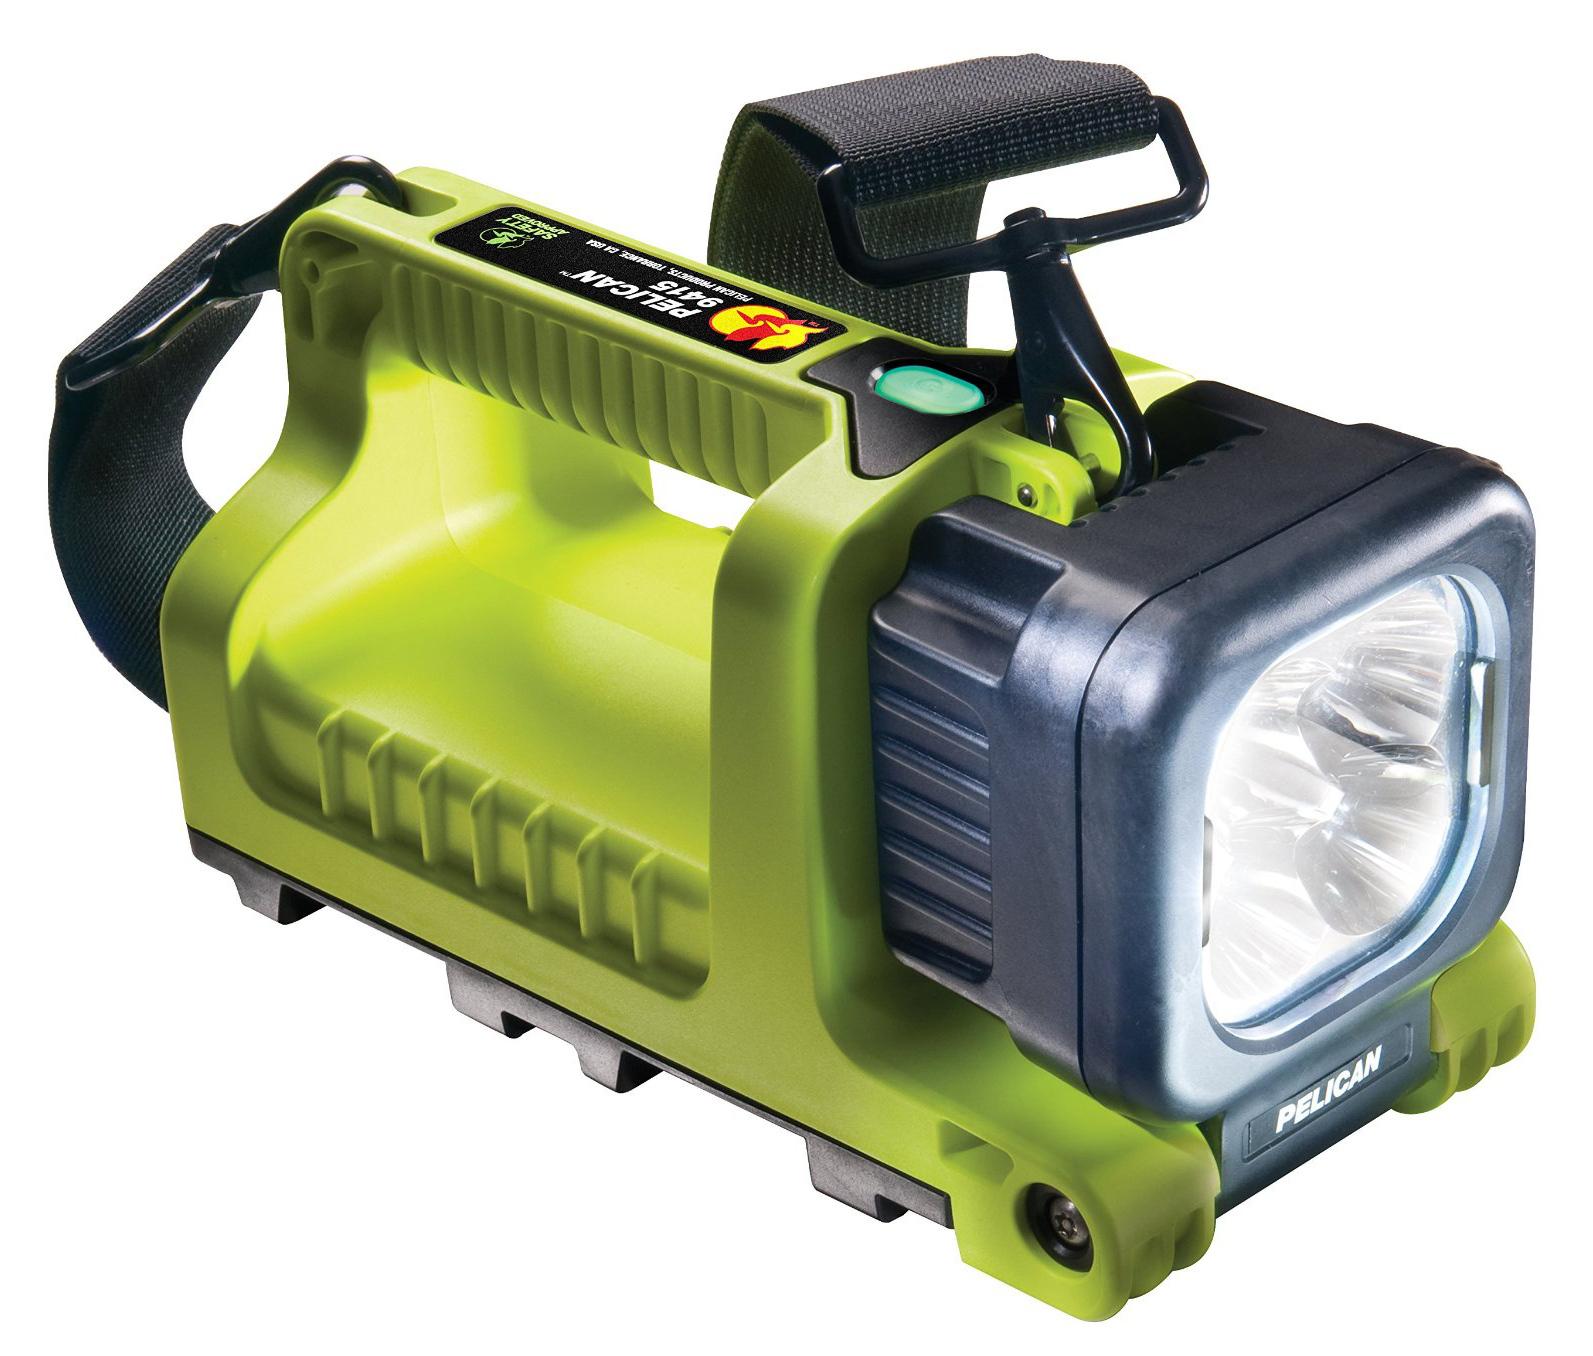 LED Flashlight/Lantern